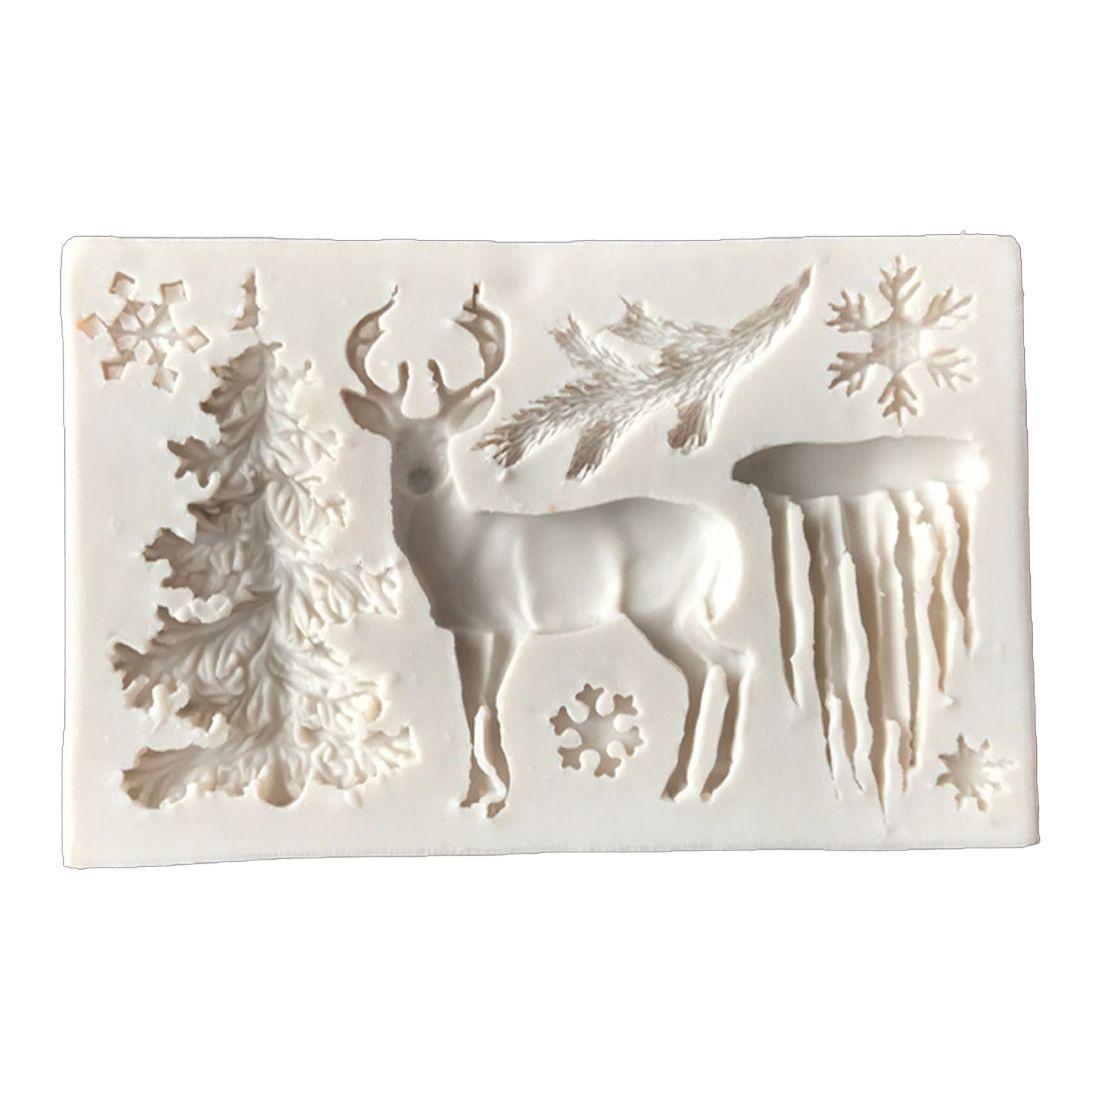 VERBINDEN Nützliche Weihnachtsbaum Elch Schneeflocke Silikonform Schokolade Jelly Backform Zuckerfertigkeit Werkzeuge Fondant Kuchen Dekorieren